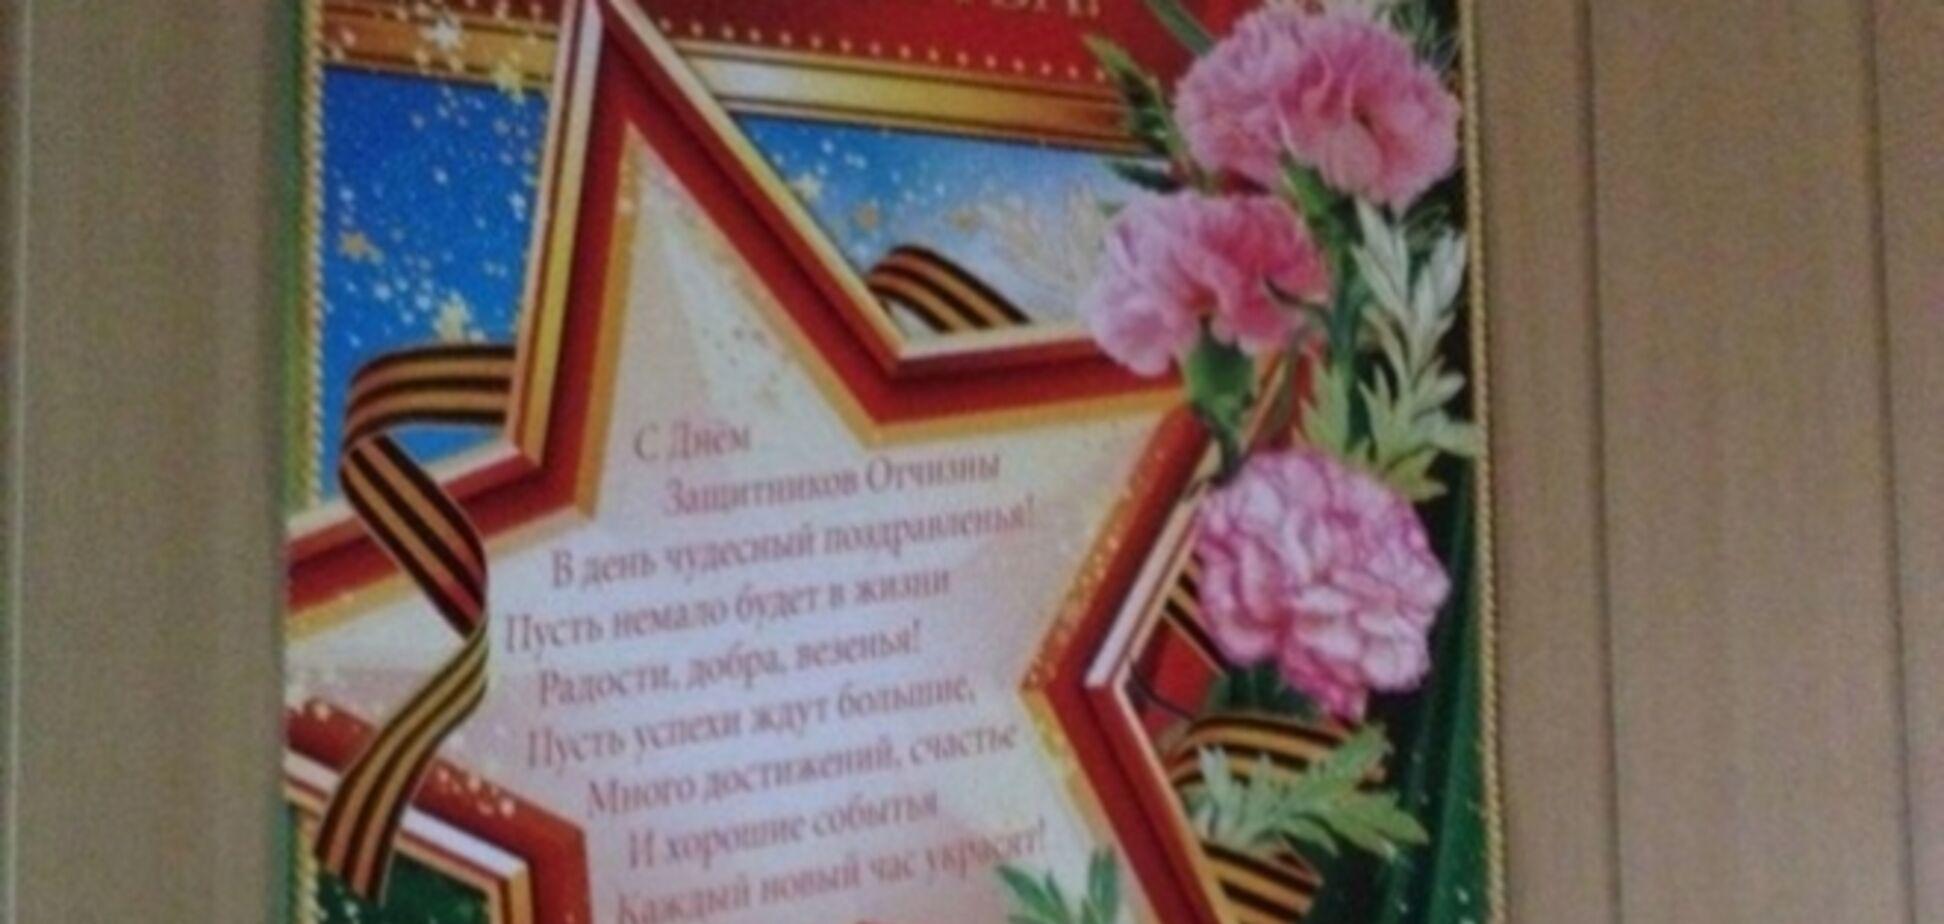 В харьковской милиции рассказали подробности об увольнении сотрудницы за поздравление с 23 февраля